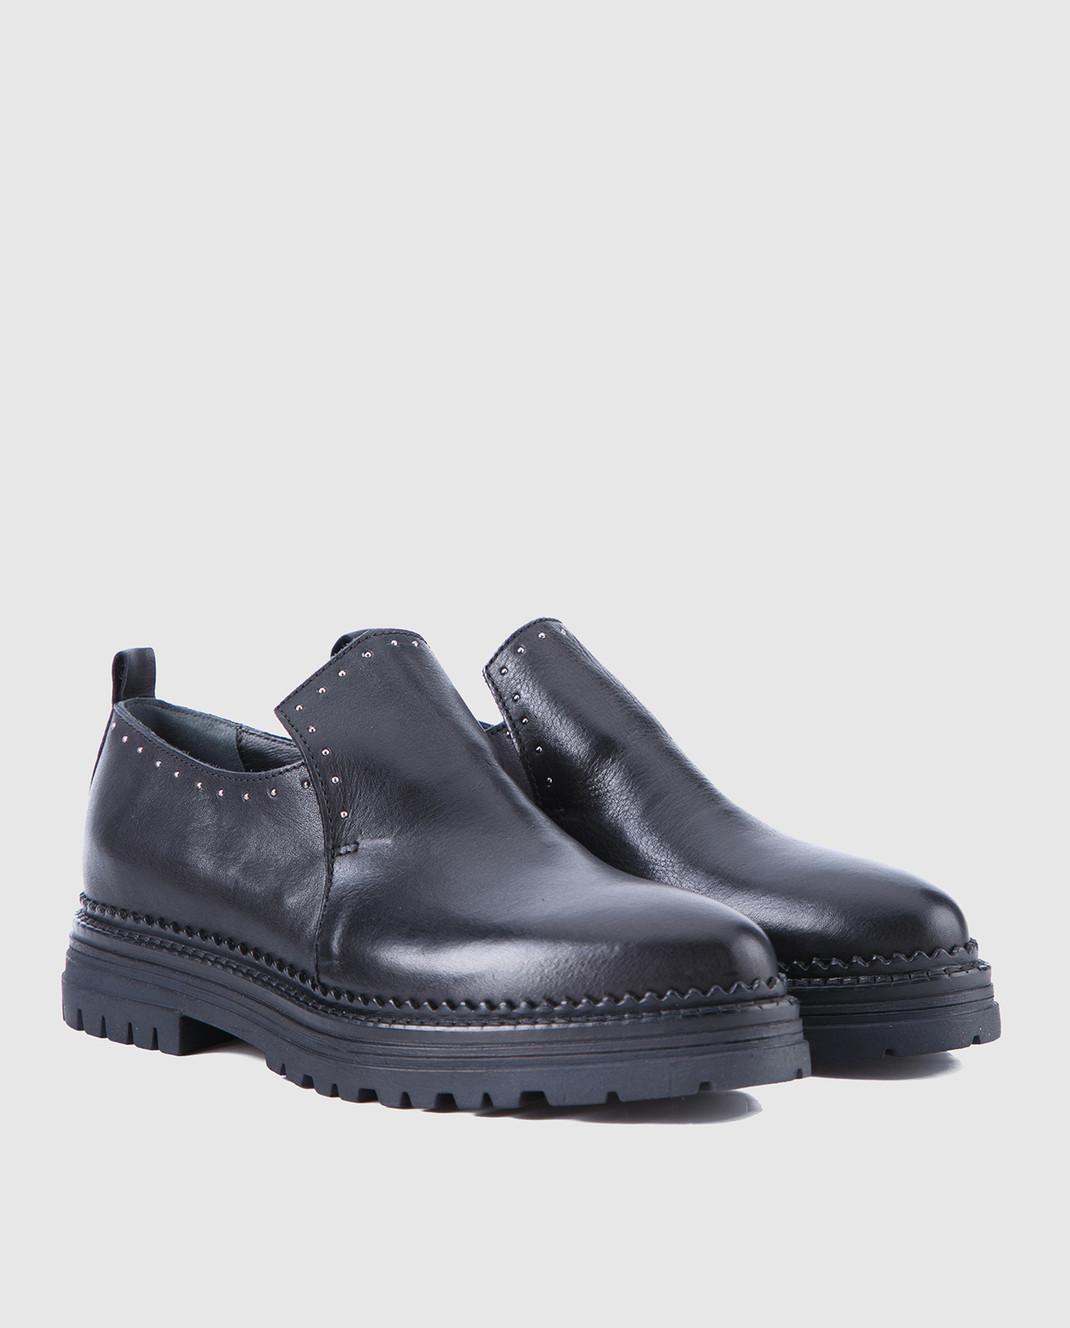 Fru it Черные кожаные туфли 4977 изображение 2